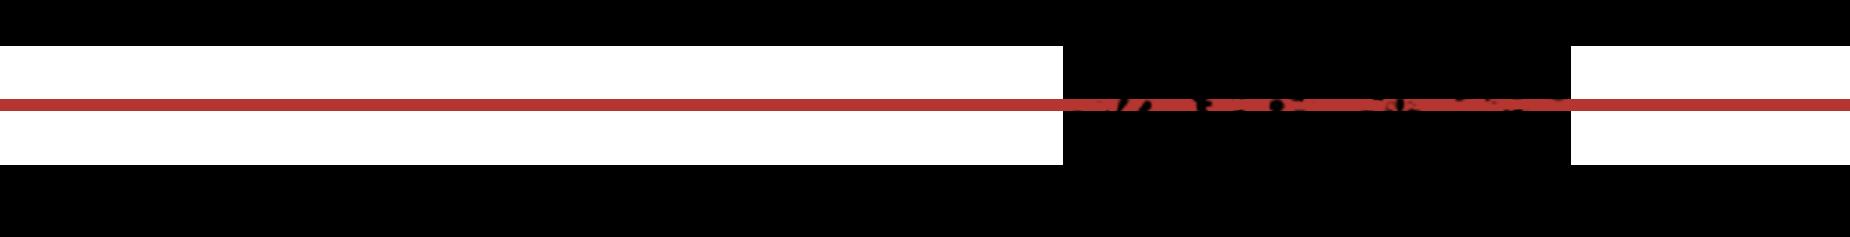 忘七公子红线.png